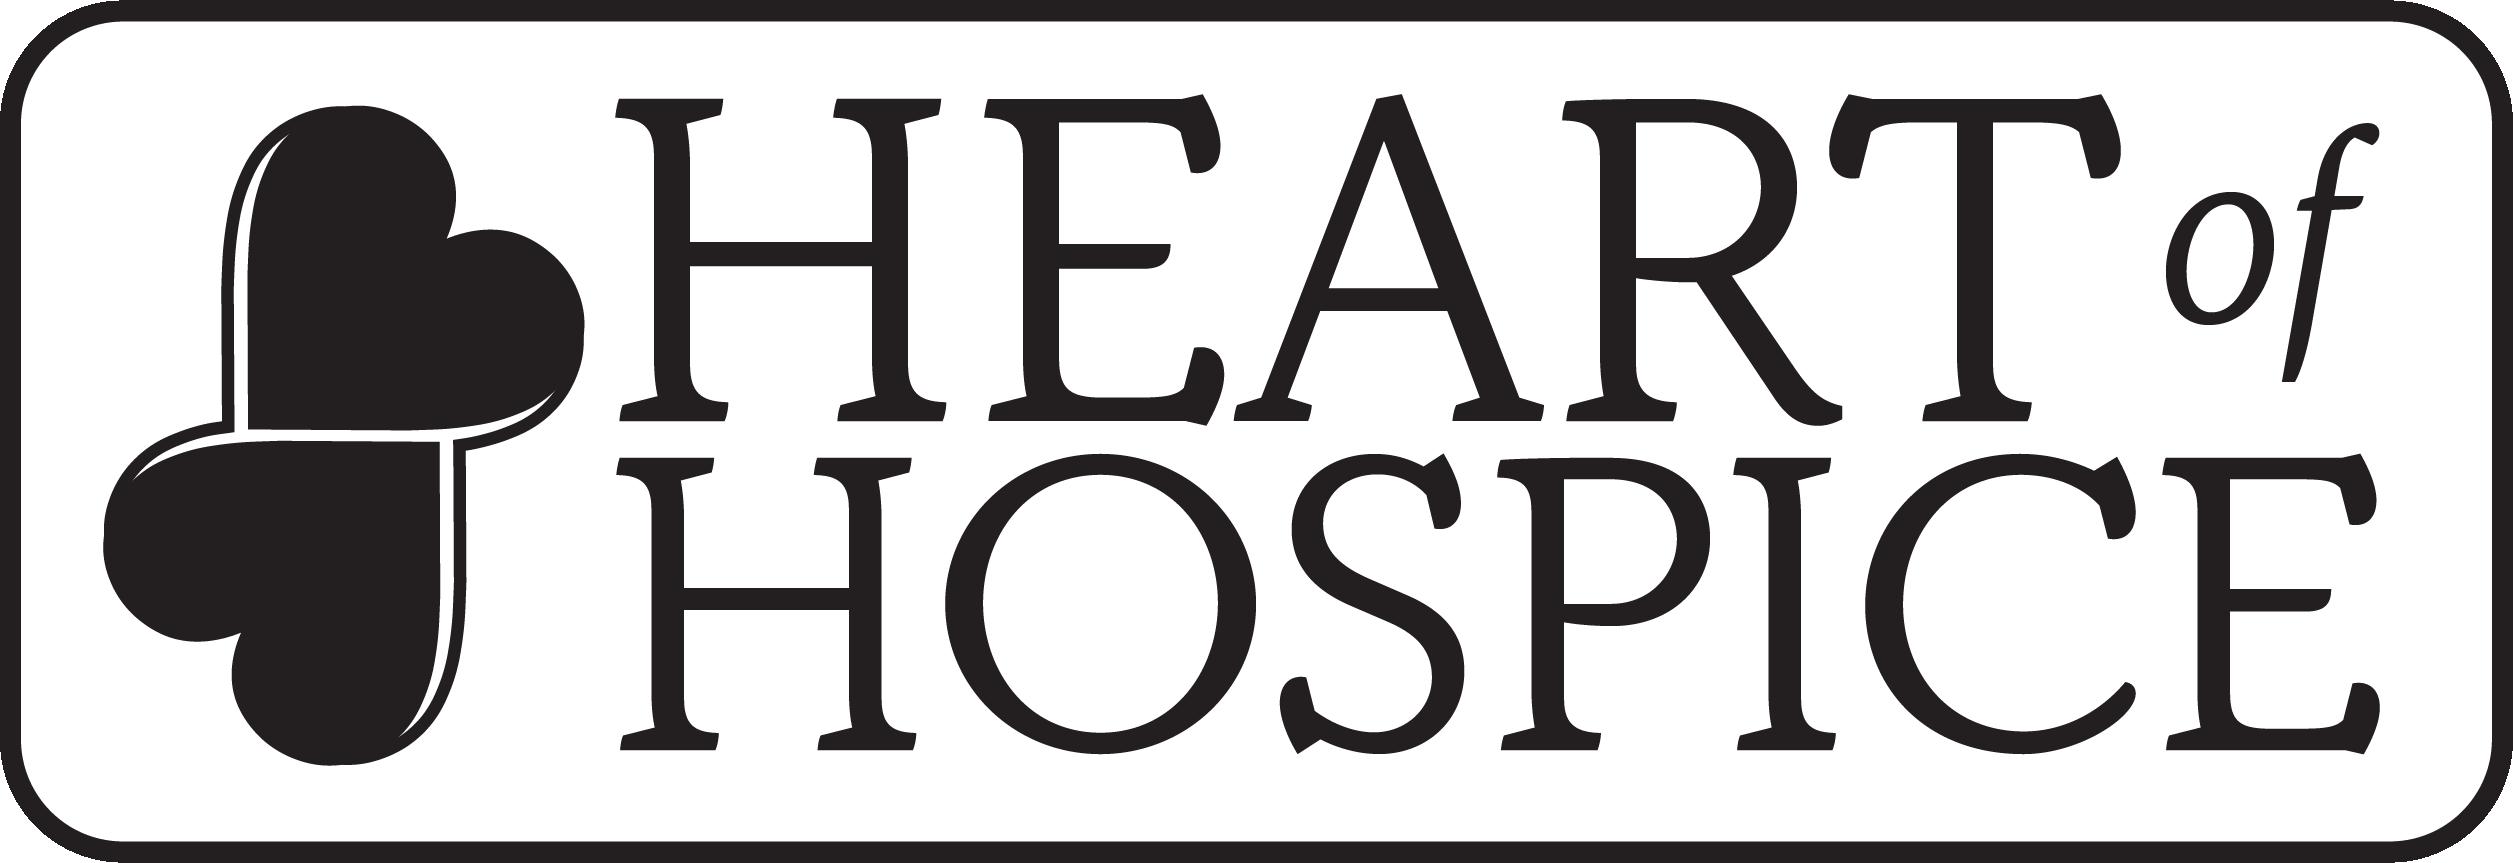 Heart of Hospice logo